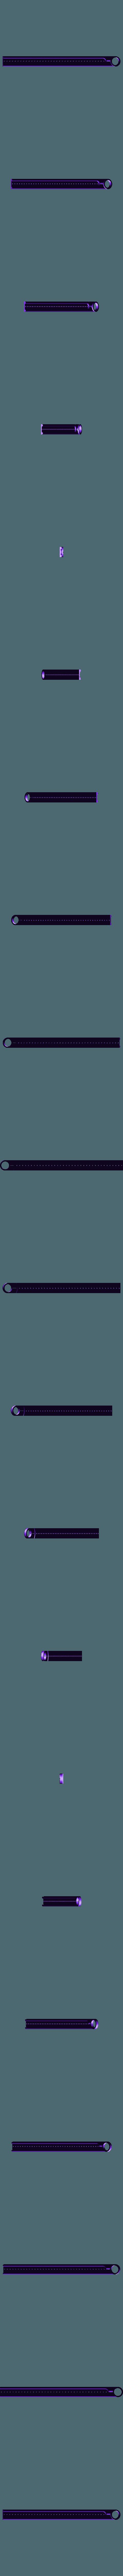 ruler_simple_short.stl Download free STL file Pair of compasses • 3D printing design, Job